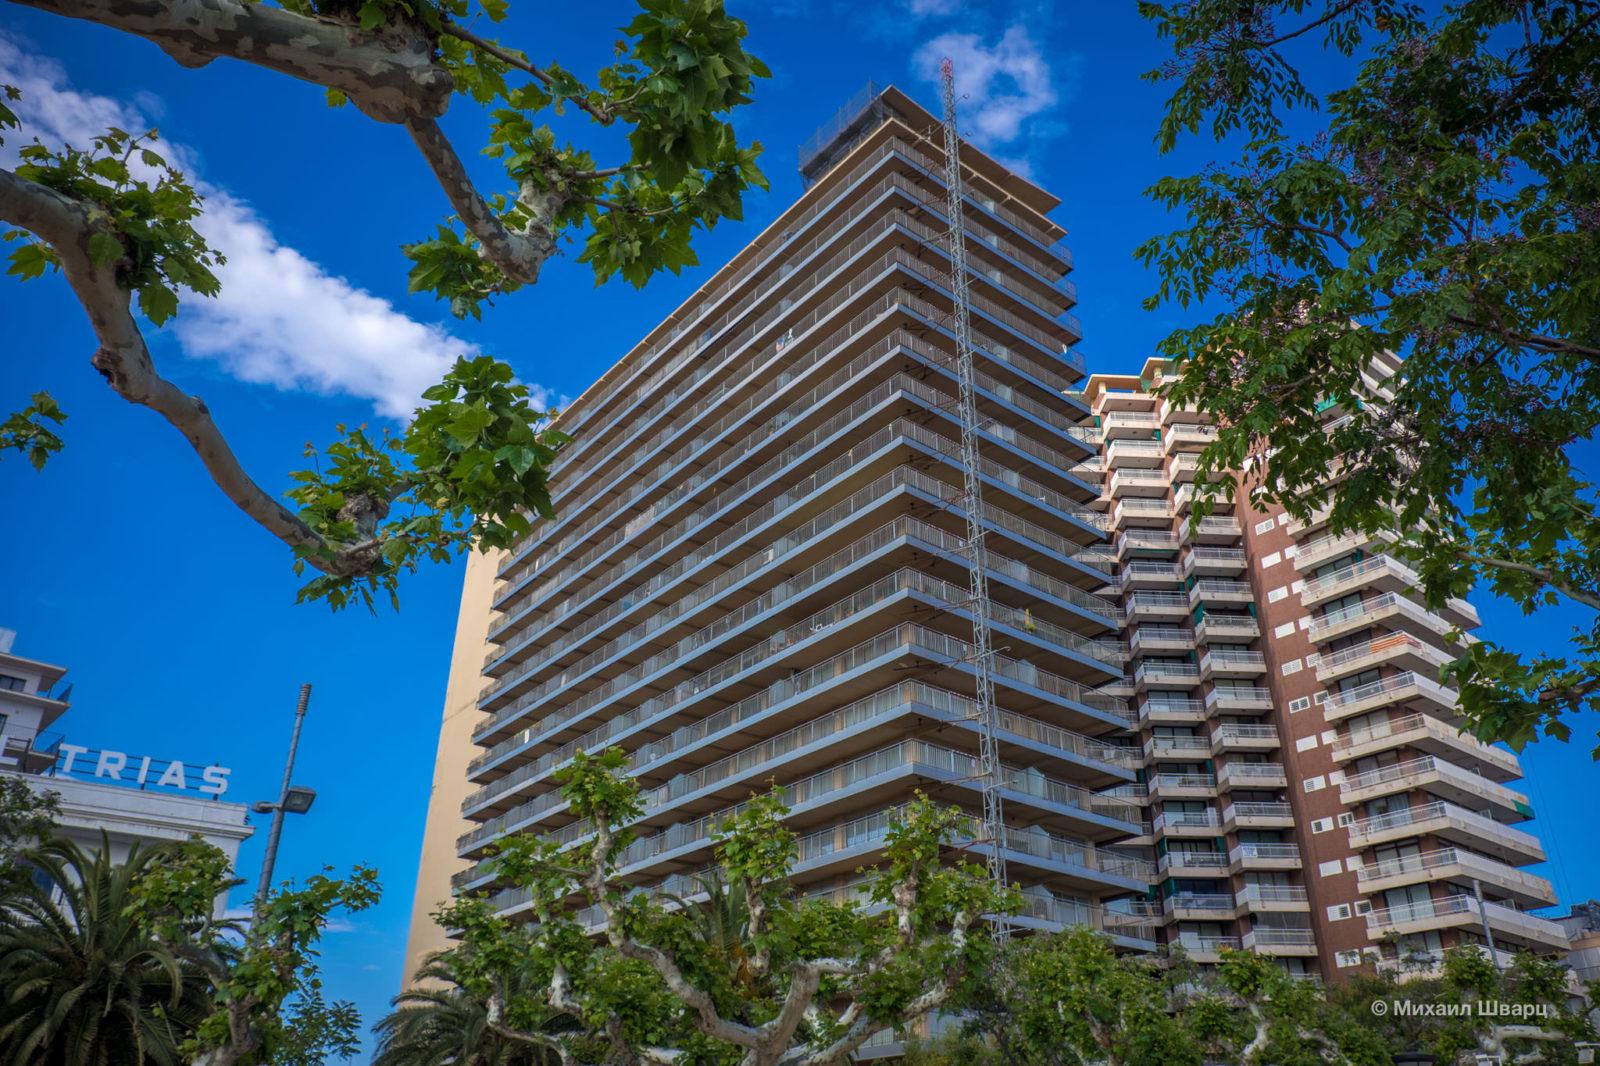 Квартира на 7 этаже